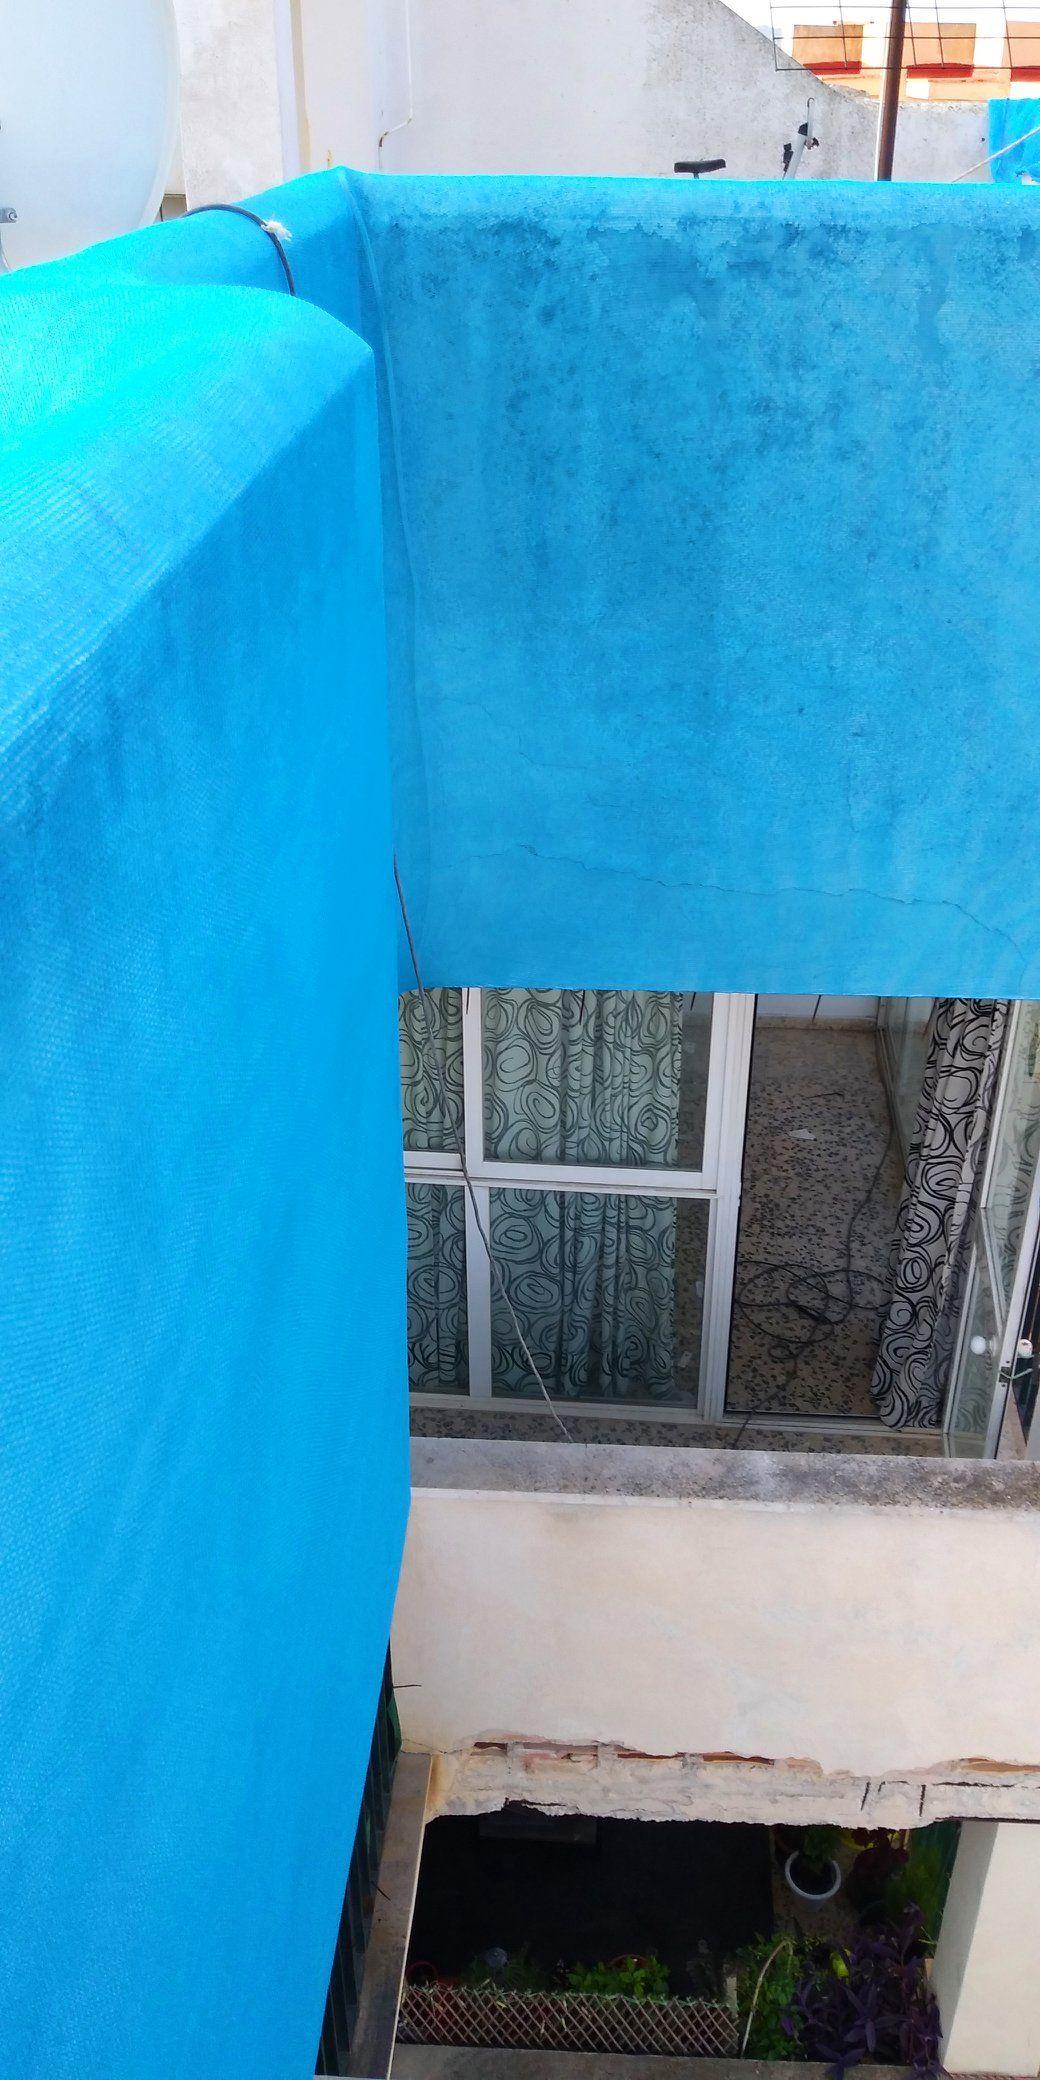 Foto 20 de Trabajos verticales en Palma de Mallorca | Trabajos Verticales Florinity